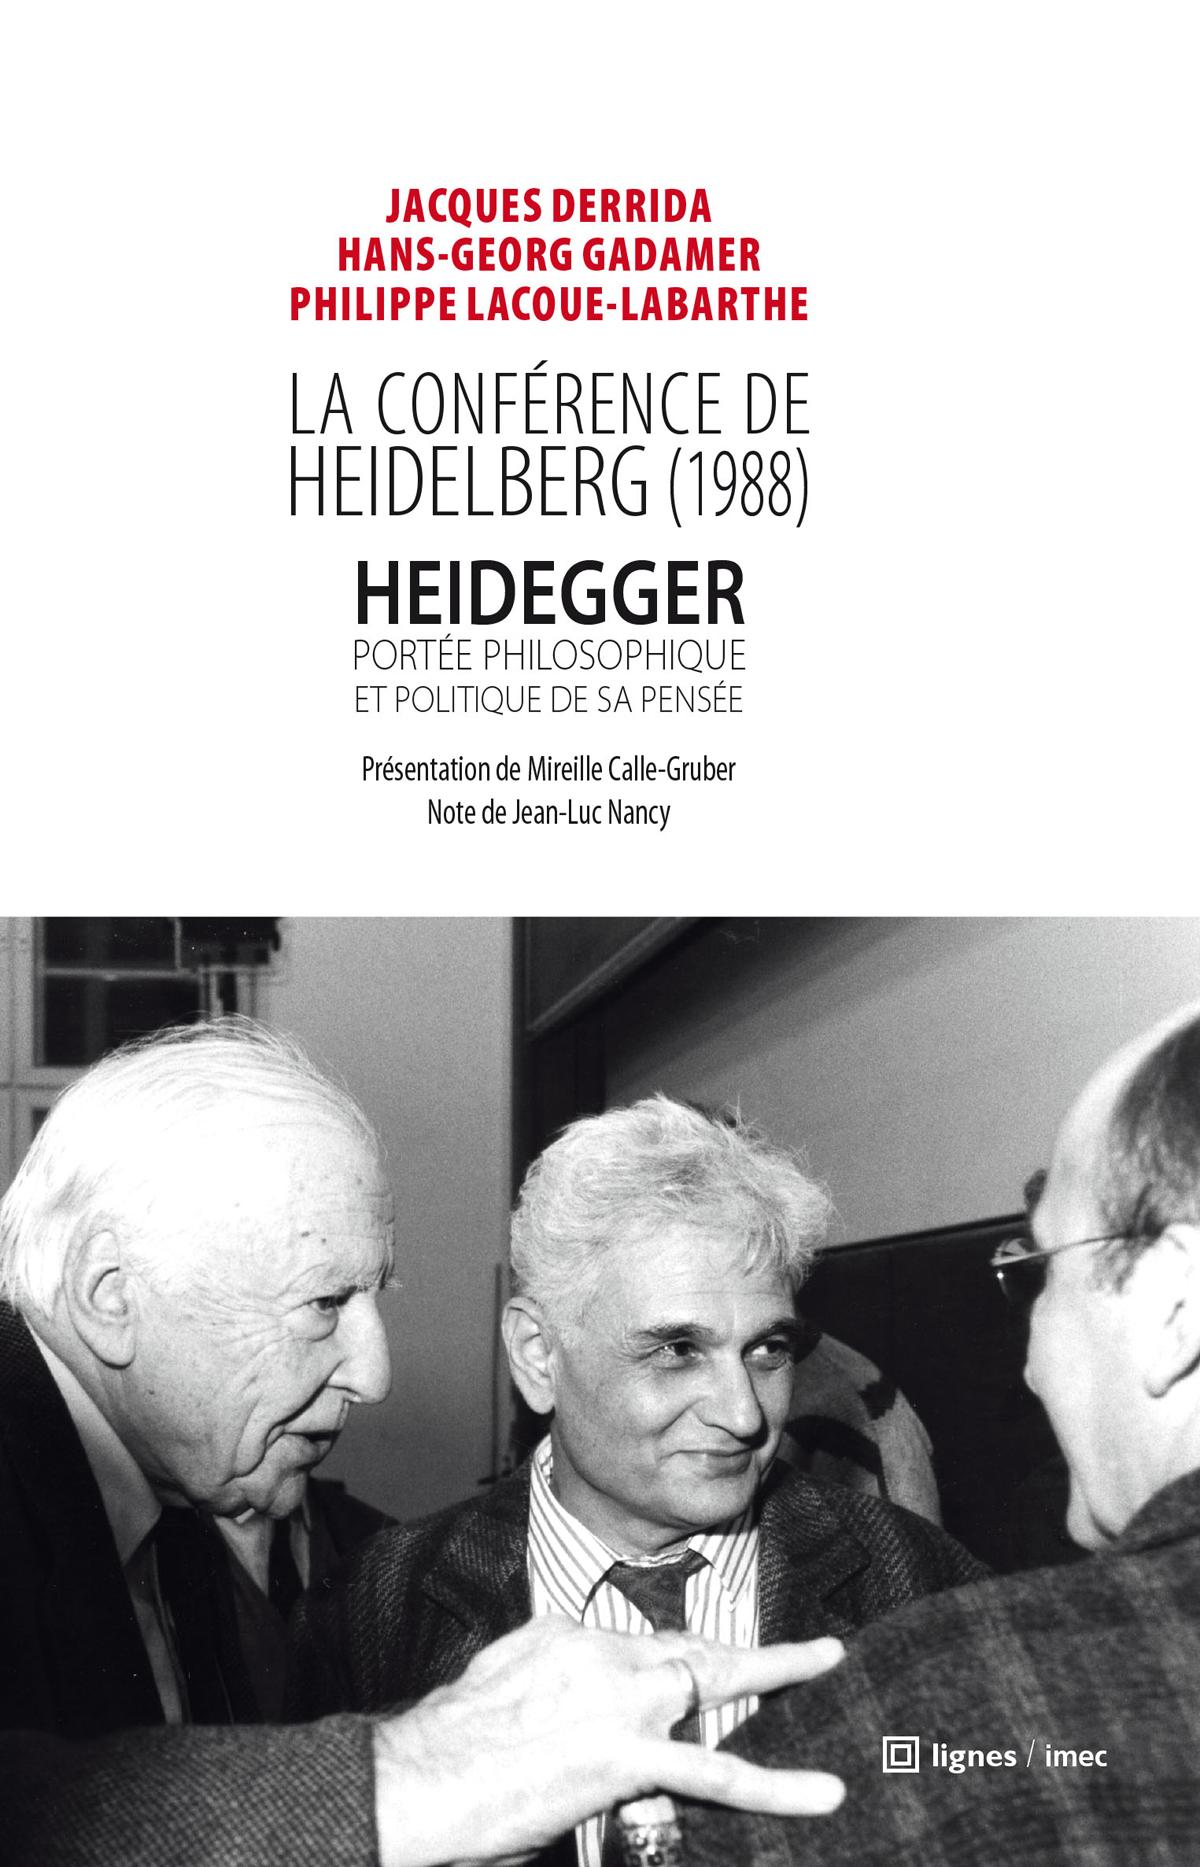 la conférence de heidelberg (1988)